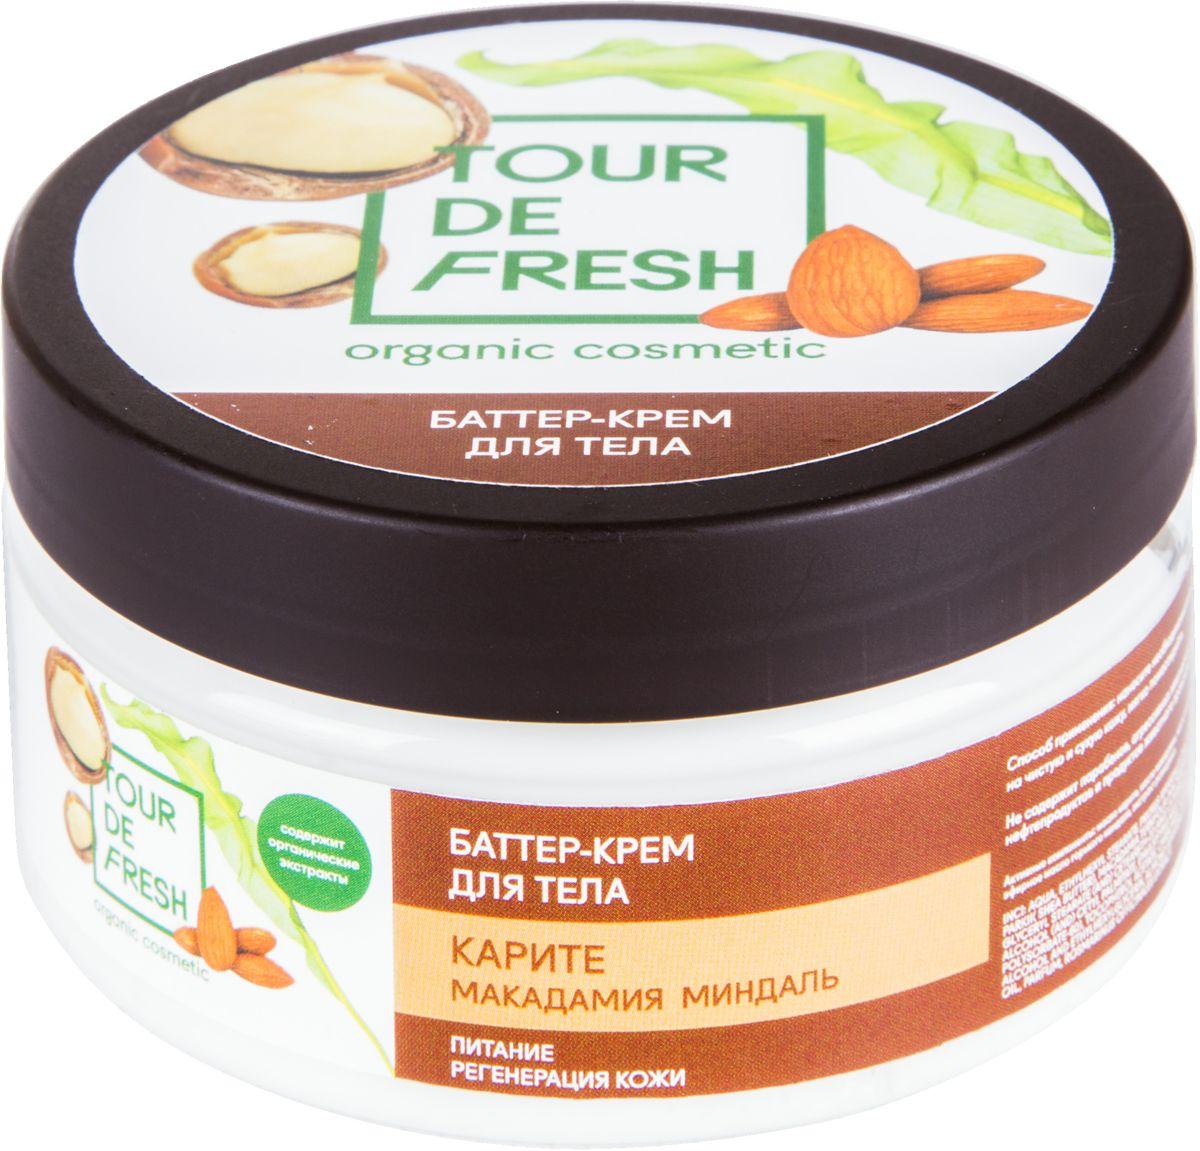 Tour De Fresh Крем-баттер для тела Макадамия, каритэ и миндаль, 200 мл078-01-904117Баттер-крем для тела имеет приятную текстуру, питает кожу полезными микроэлементами, делает её мягкой и бархатистой. Природный экстракт макадамии замедляет процессы старения кожи и улучшает регенерацию клеток. Миндальное масло увлажняет, восстанавливая природную эластичность и упругость кожи. Экстракт карите стимулирует капиллярное кровообращение и восстанавливает защитный барьер кожи.